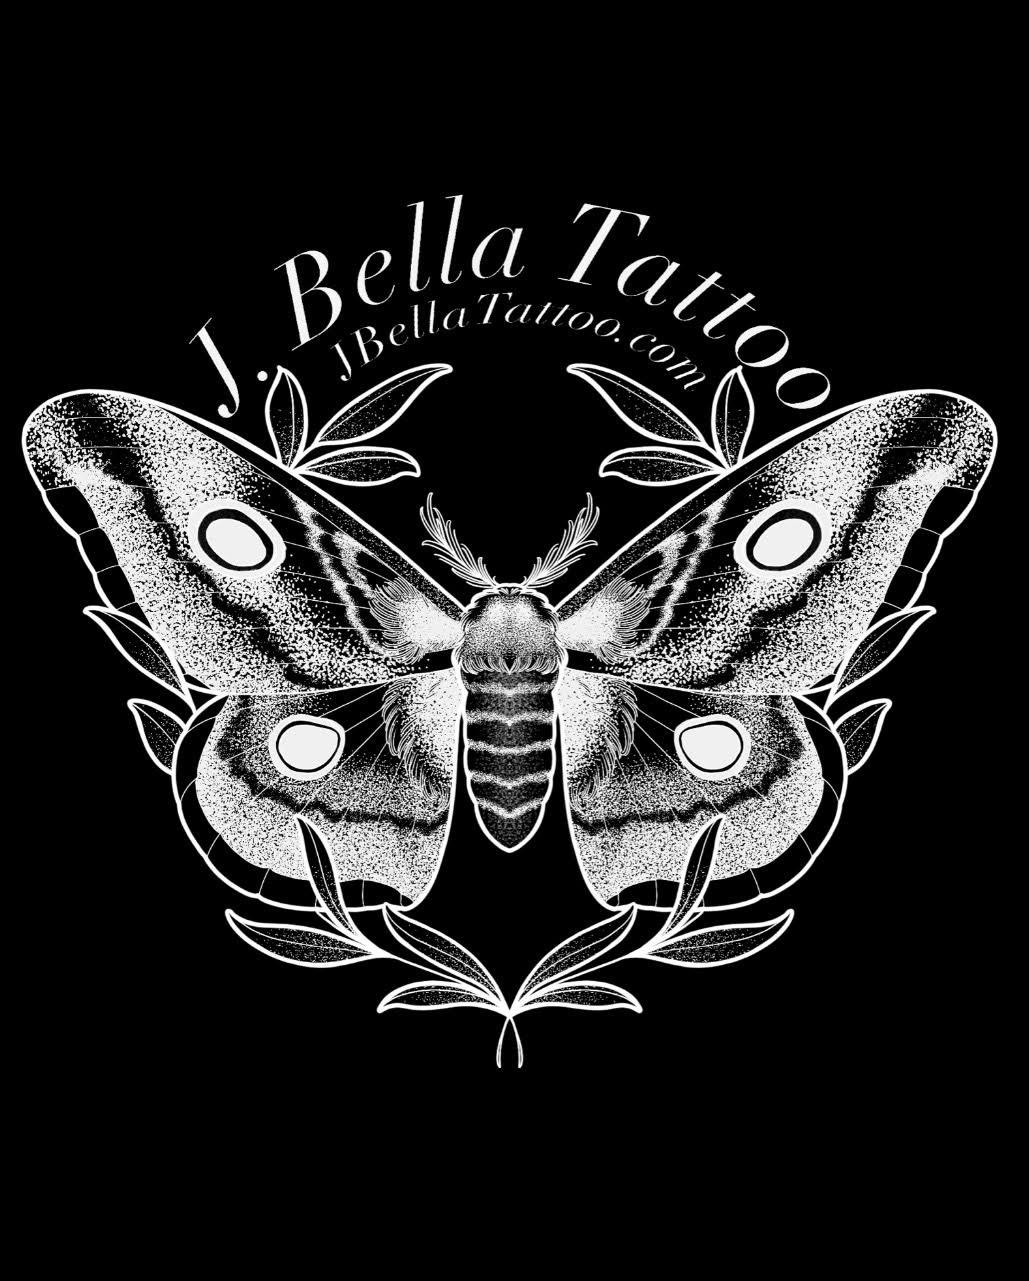 J. Bella Tattoo